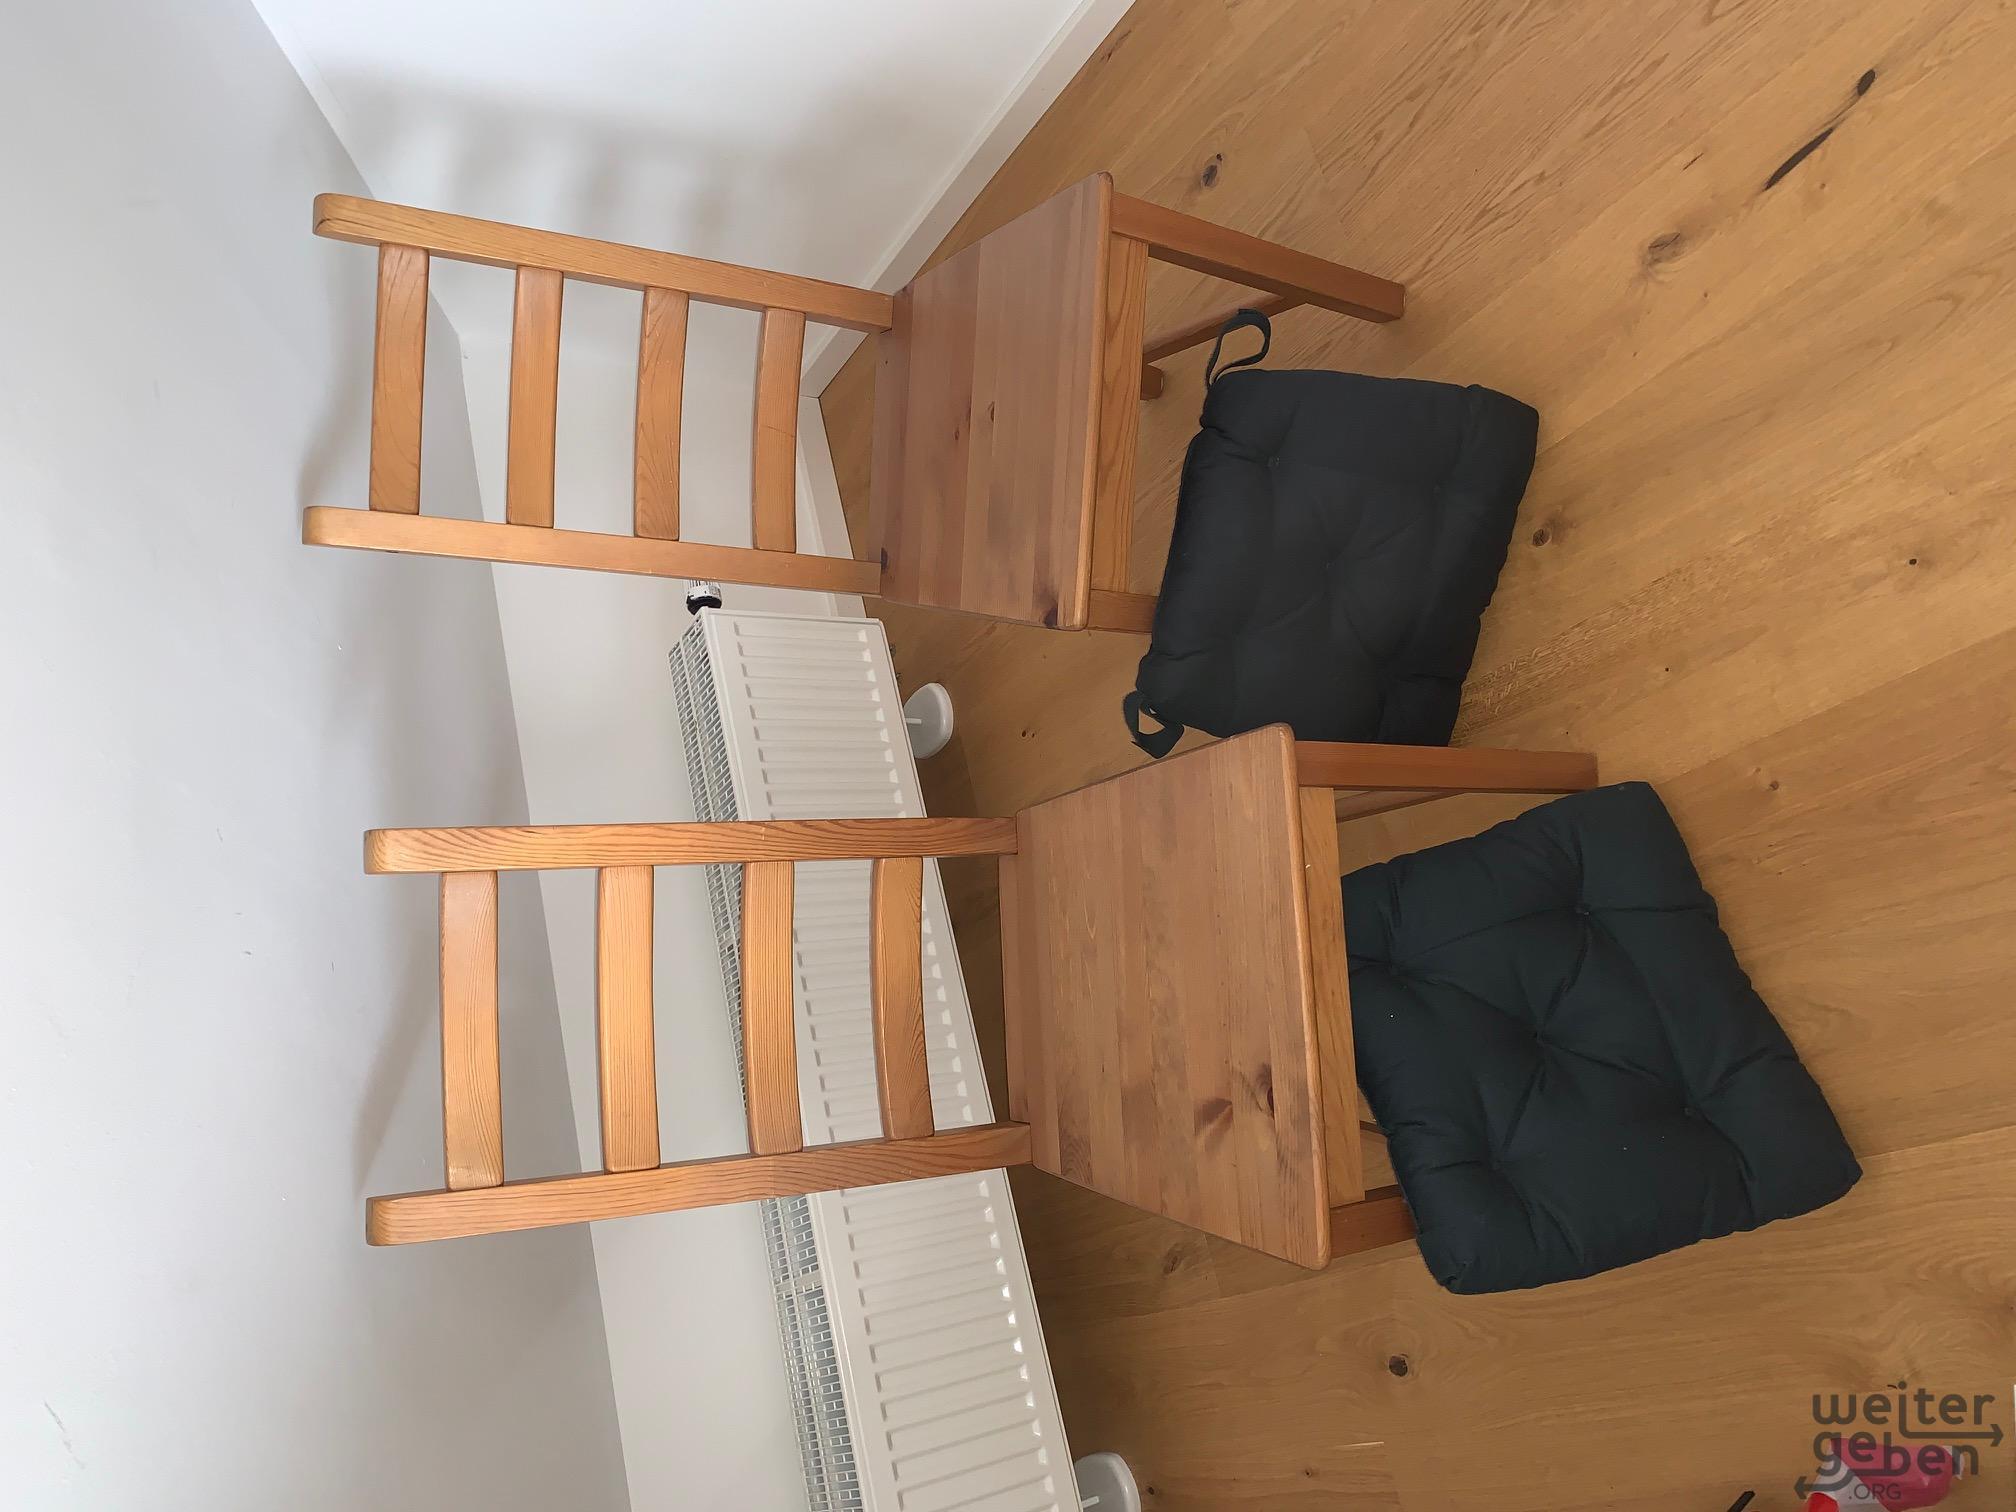 Stuhl in Frankfurt am Main